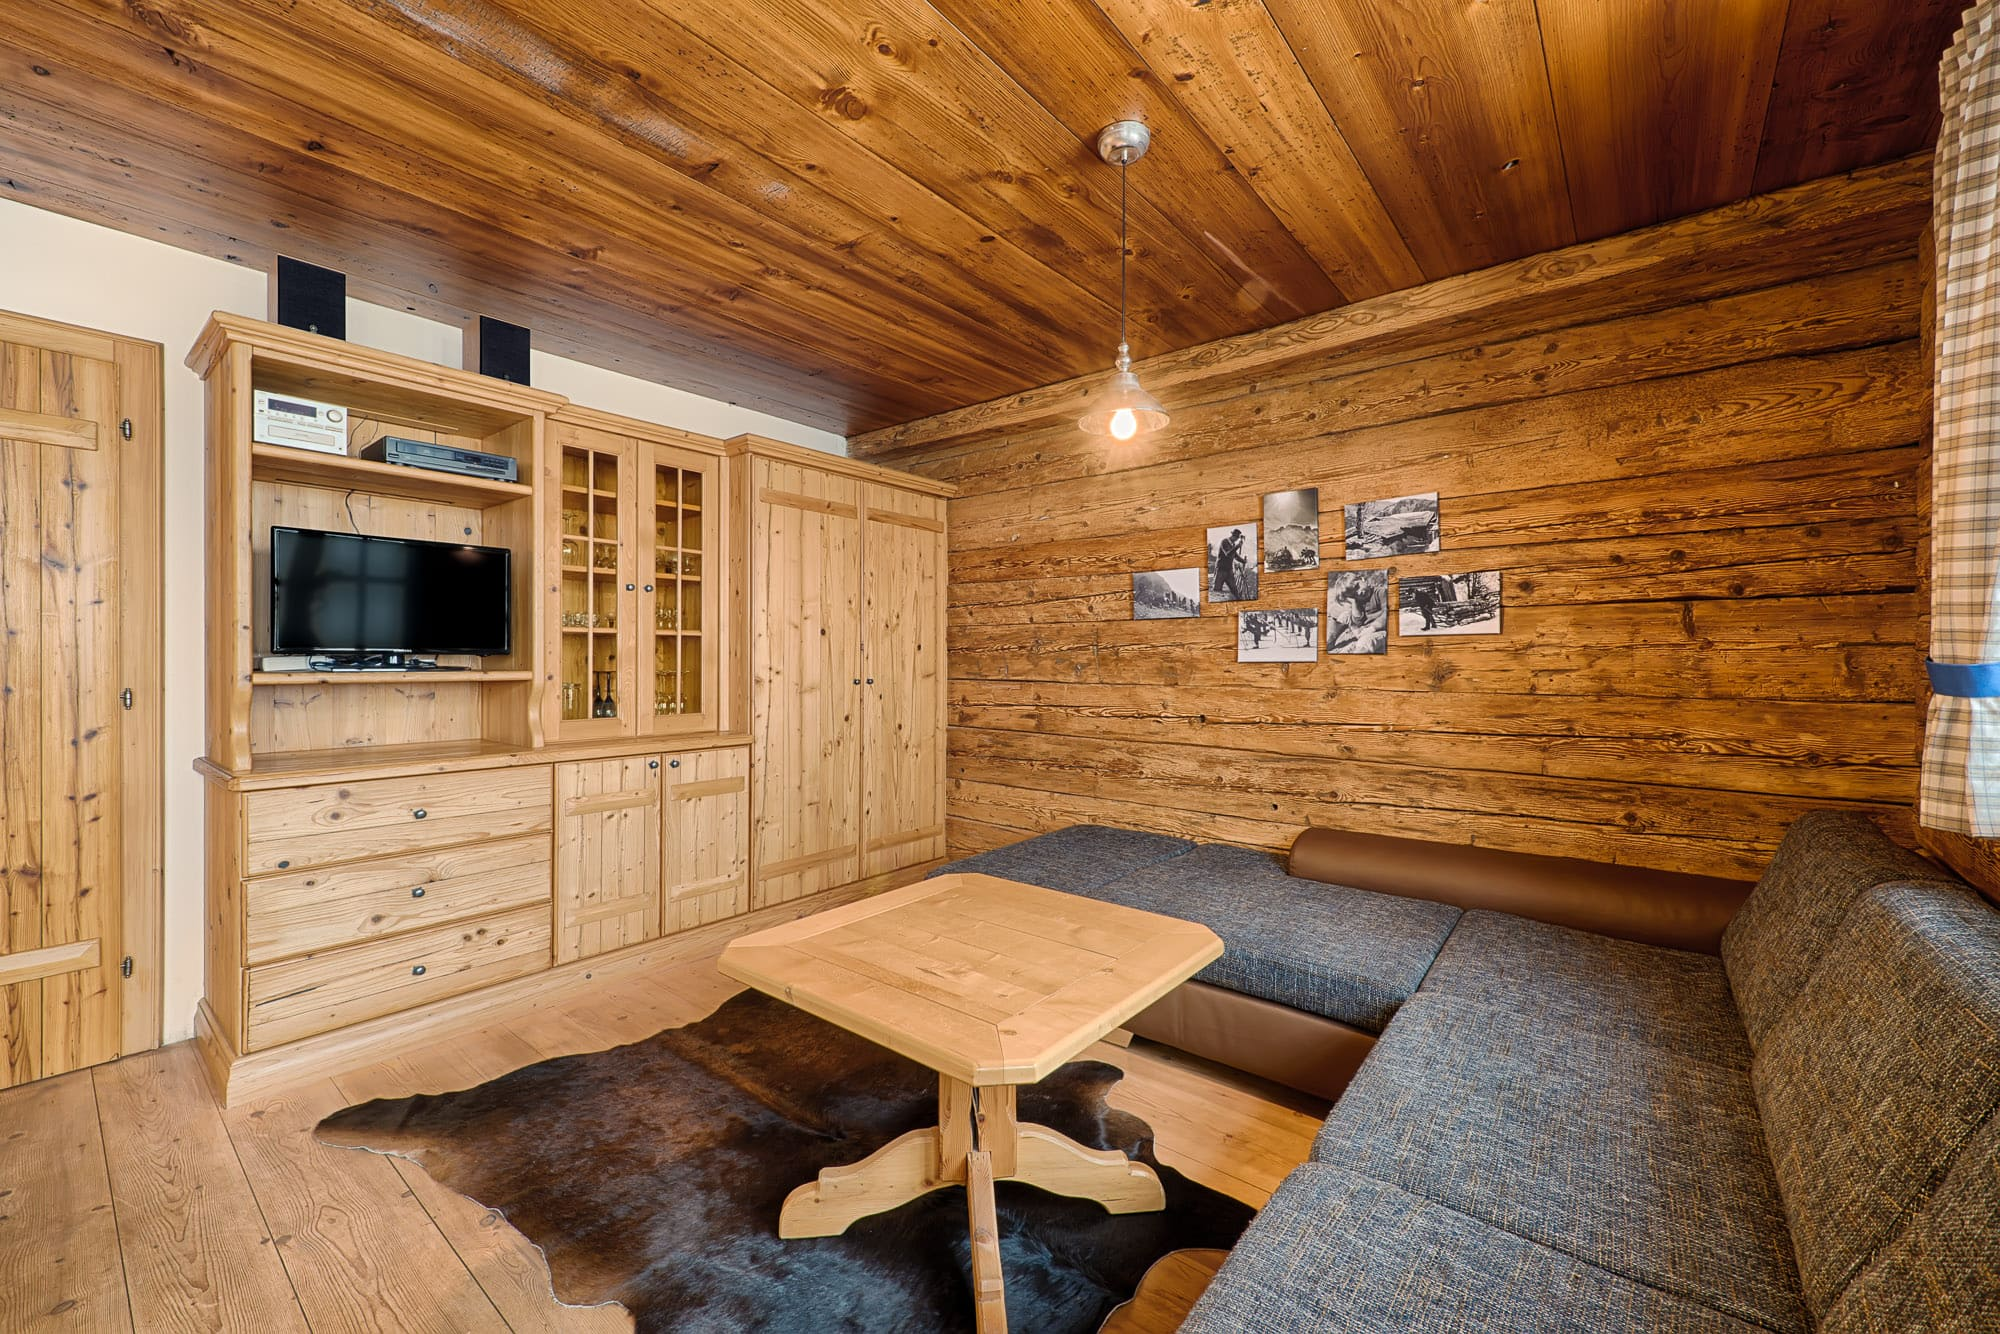 ferienhaus-grabenhaeusl-wohnraum-2